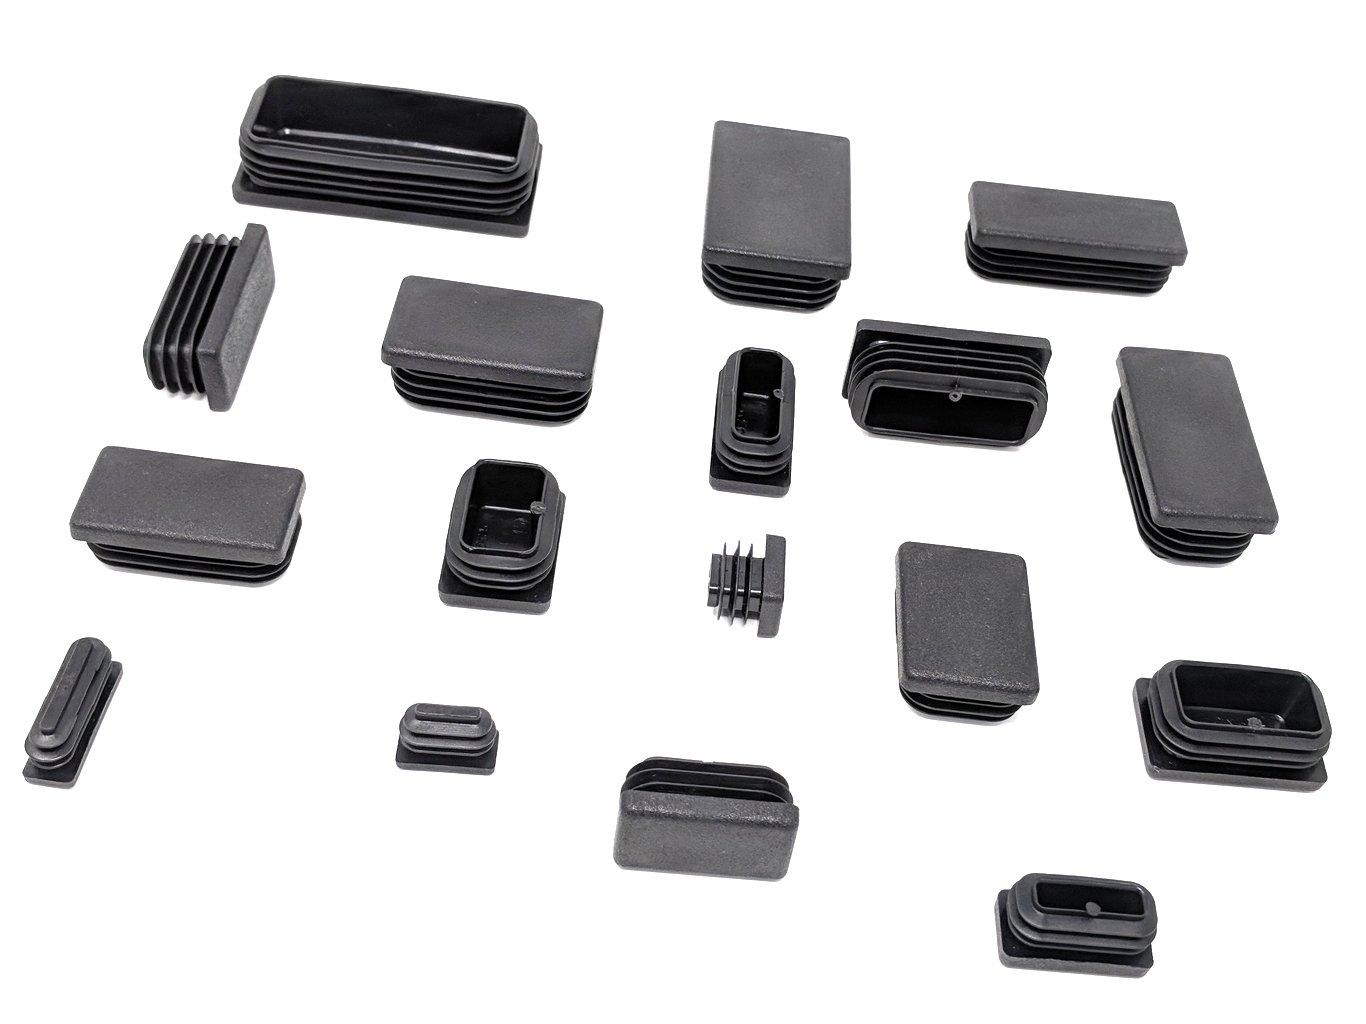 sillas Tapas rectangulares de pl/ástico para colocar en los pies de muebles para puertas de metal aluminio armarios etc